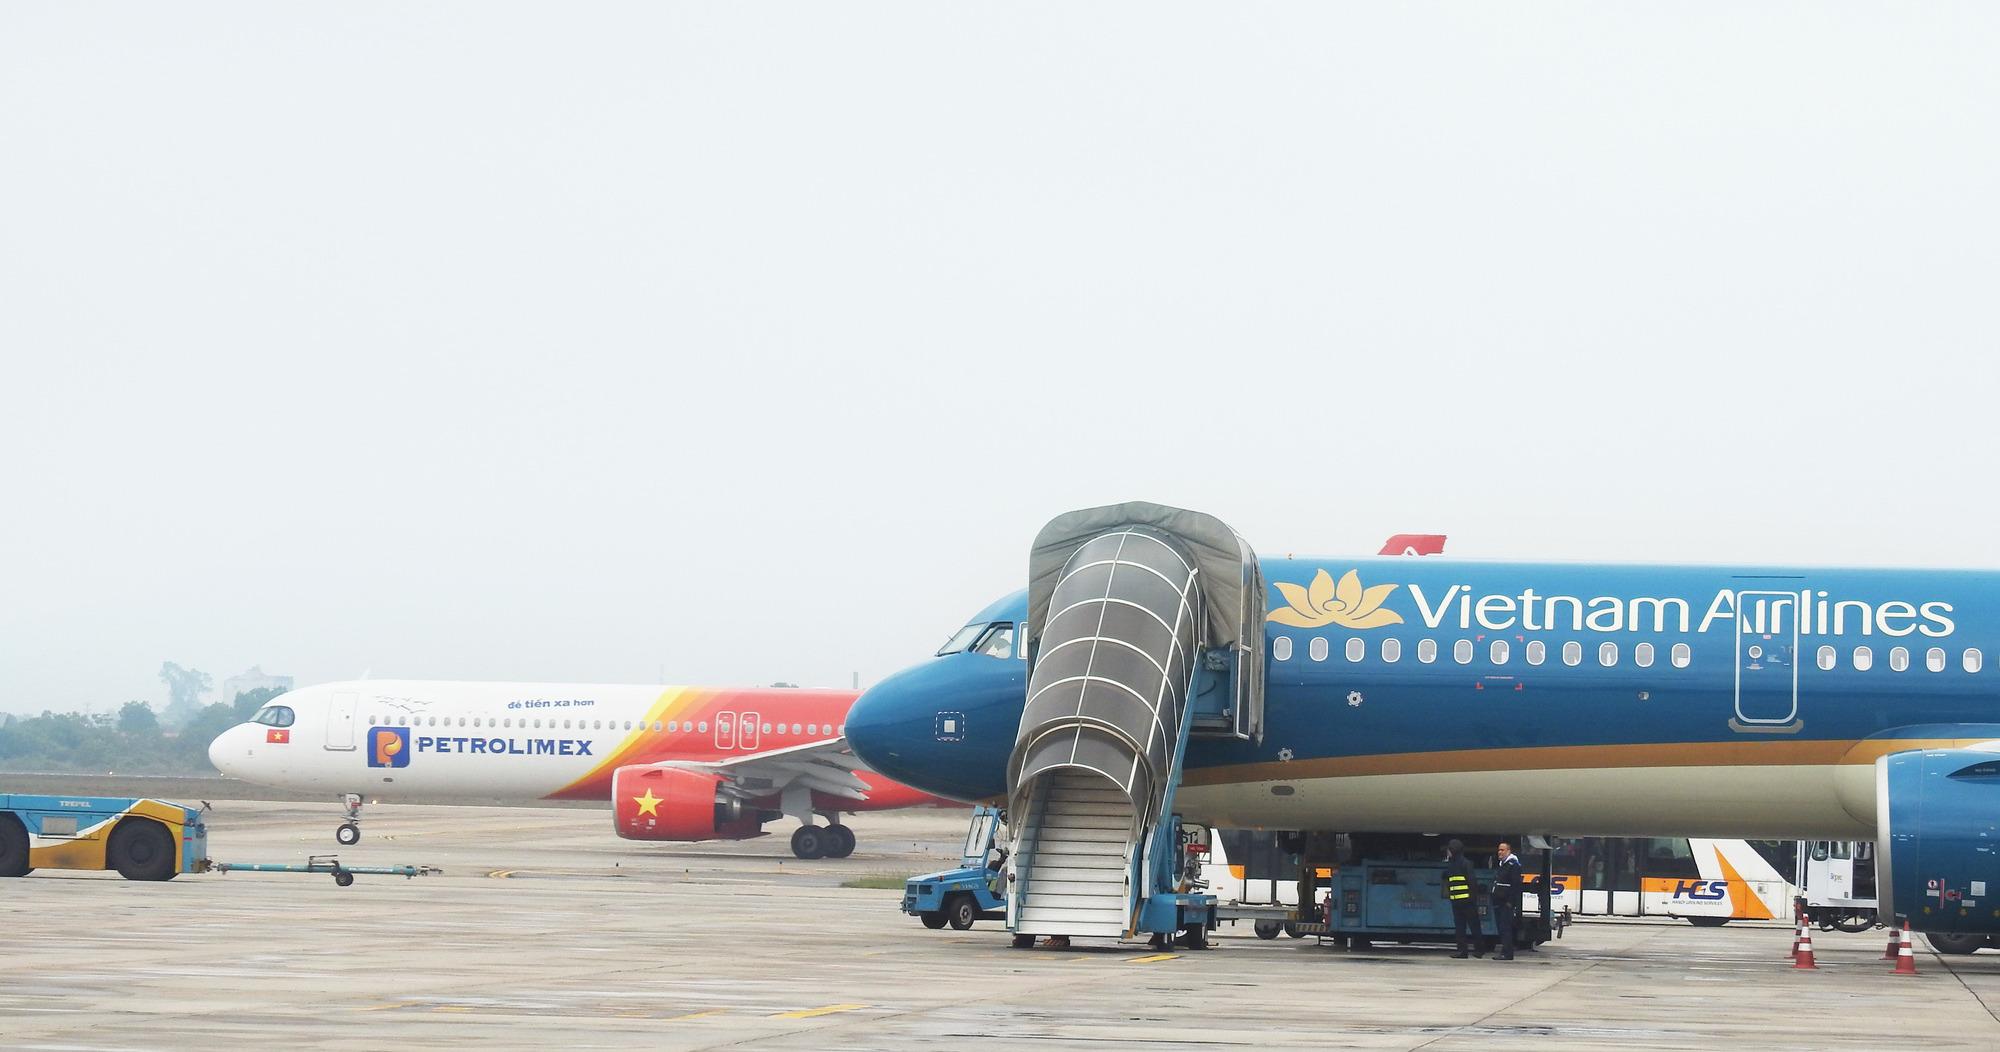 Chính sách hoàn vé, đổi lịch bay của các hãng hàng không Việt trong đợt dịch COVID-19 - Ảnh 1.